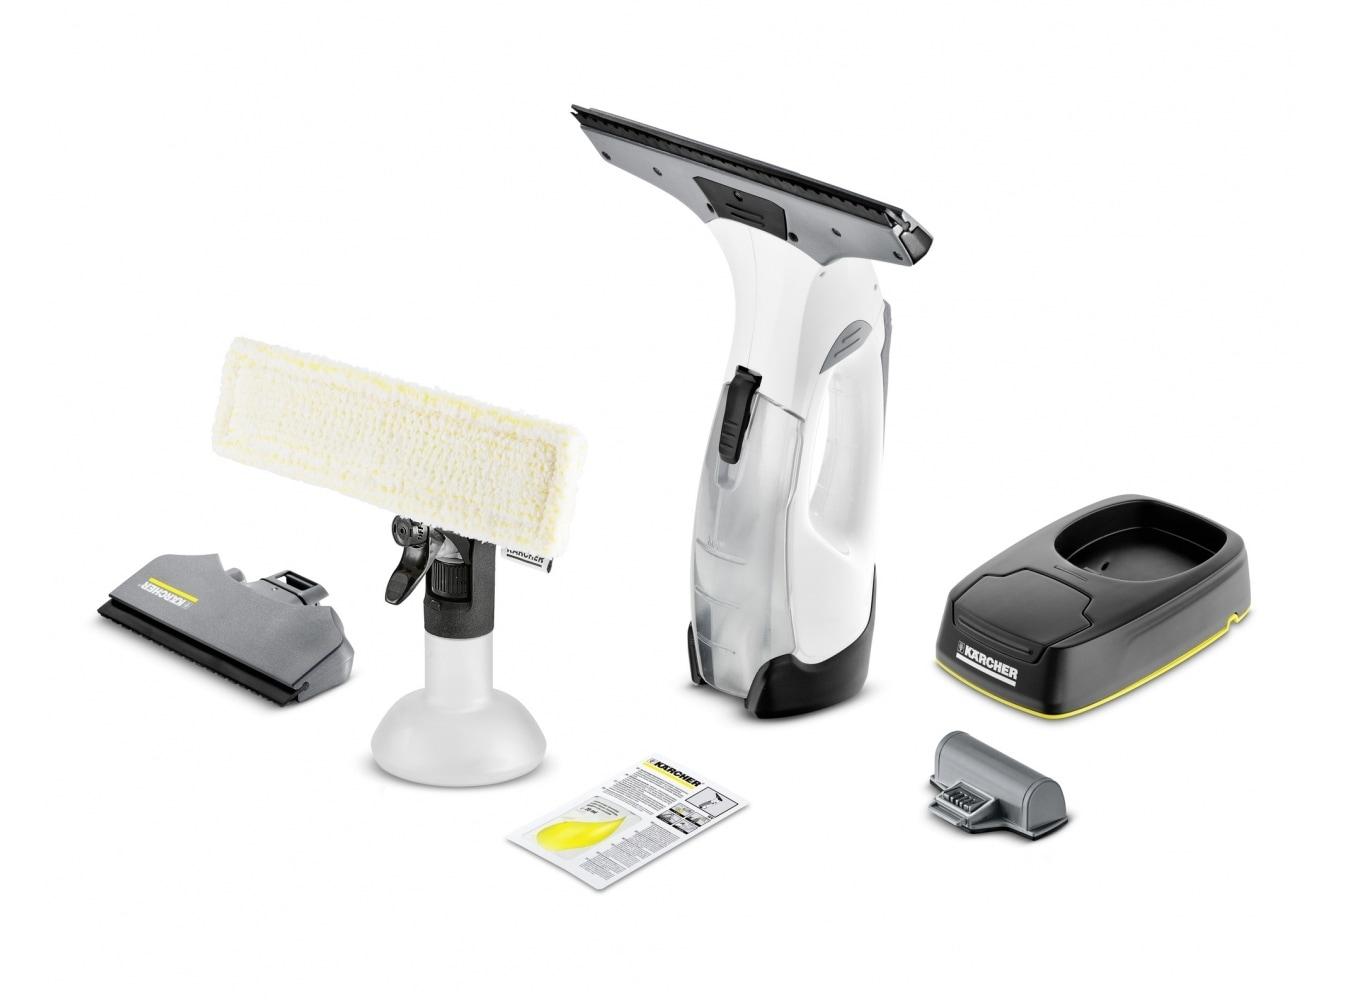 Karcher WV5 Prem. Non-Stop Cleaning Kit Fenstersauger 2xAkku für 124,99 Euro